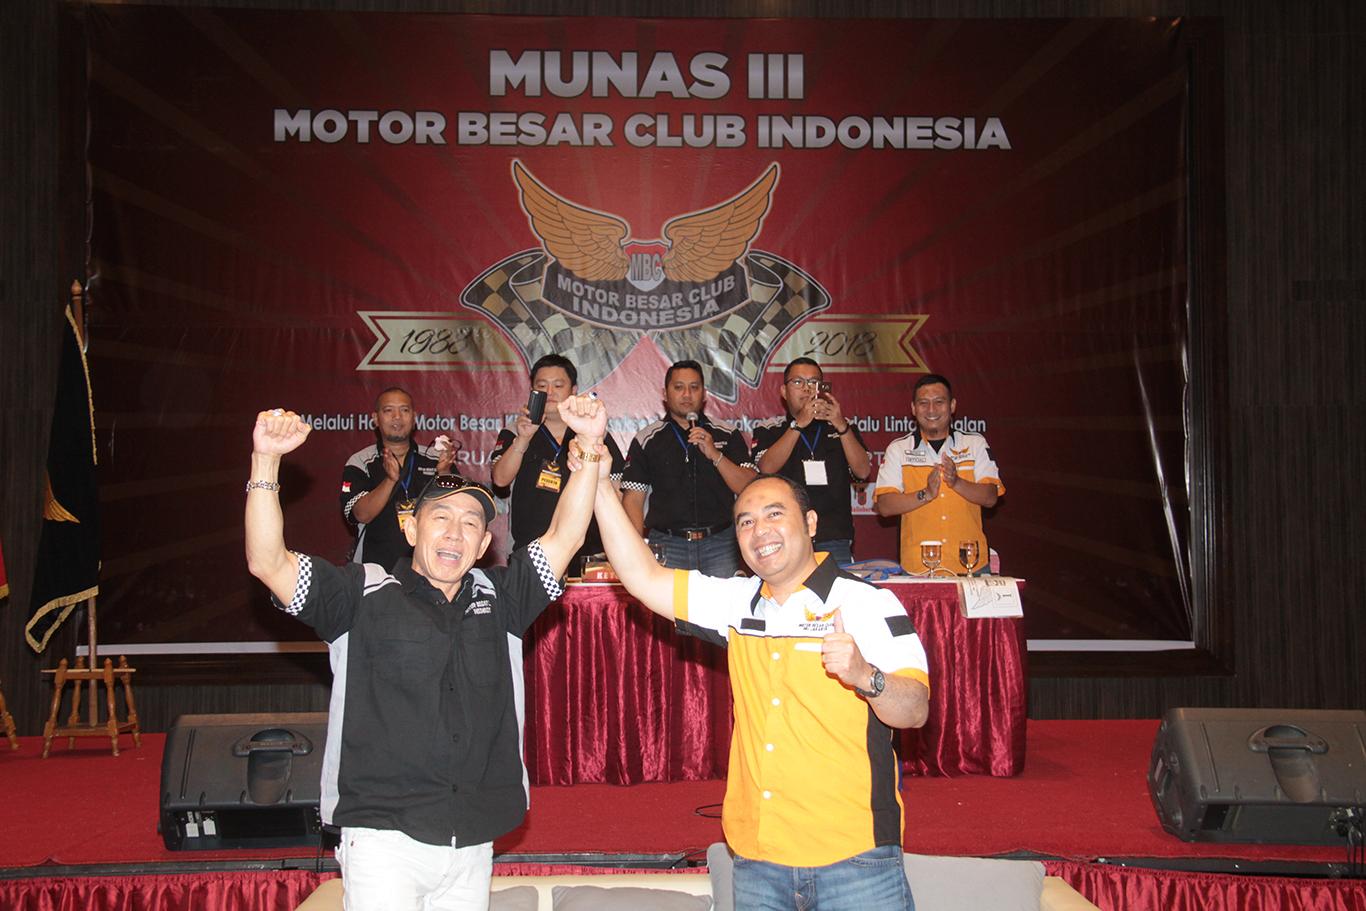 Munas III Motor Besar Club